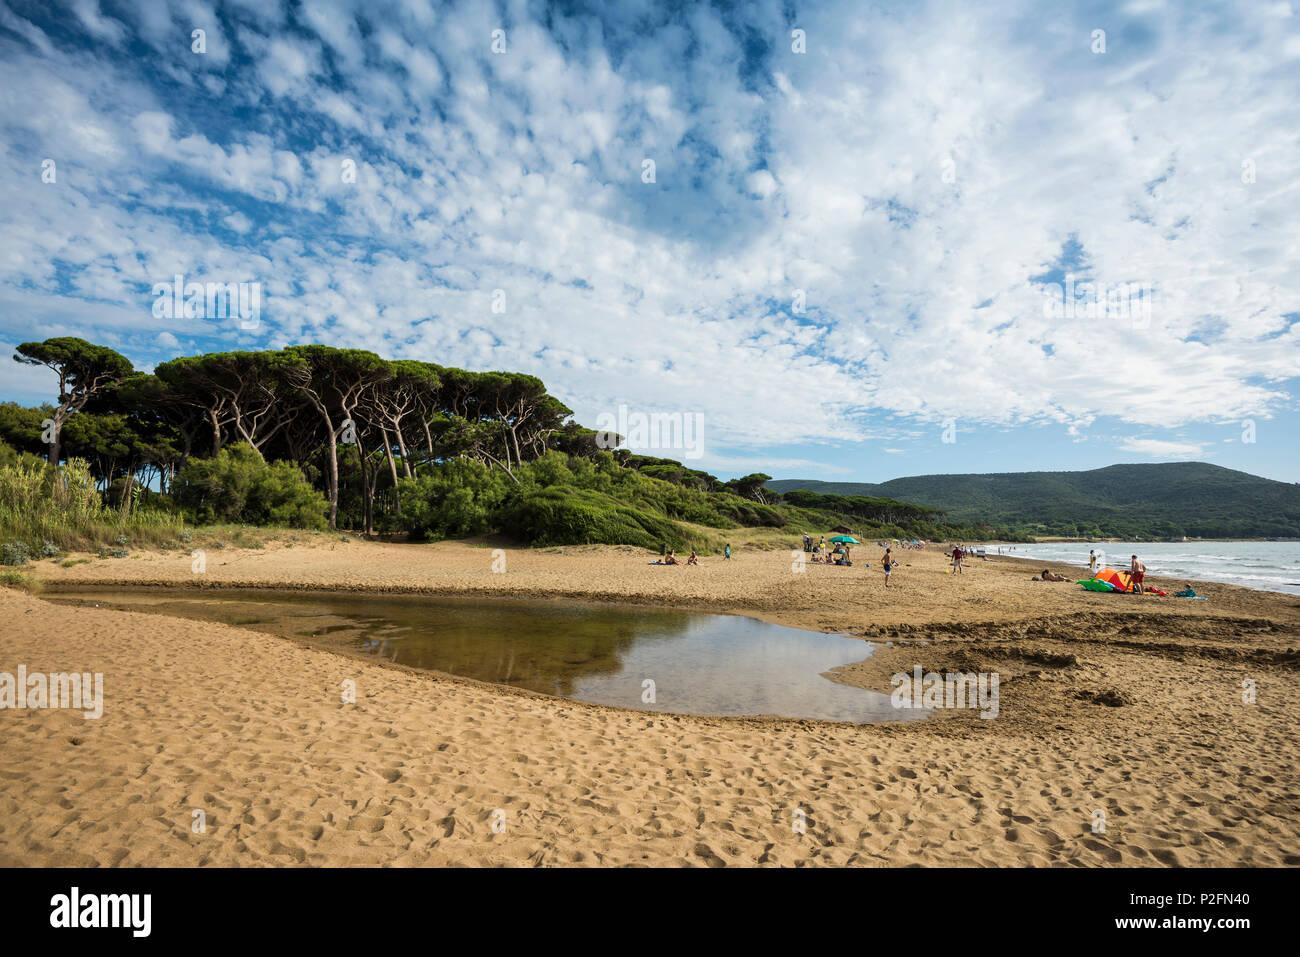 Beach, Populonia, near Piombino, province of Livorno, Tuscany, Italy - Stock Image